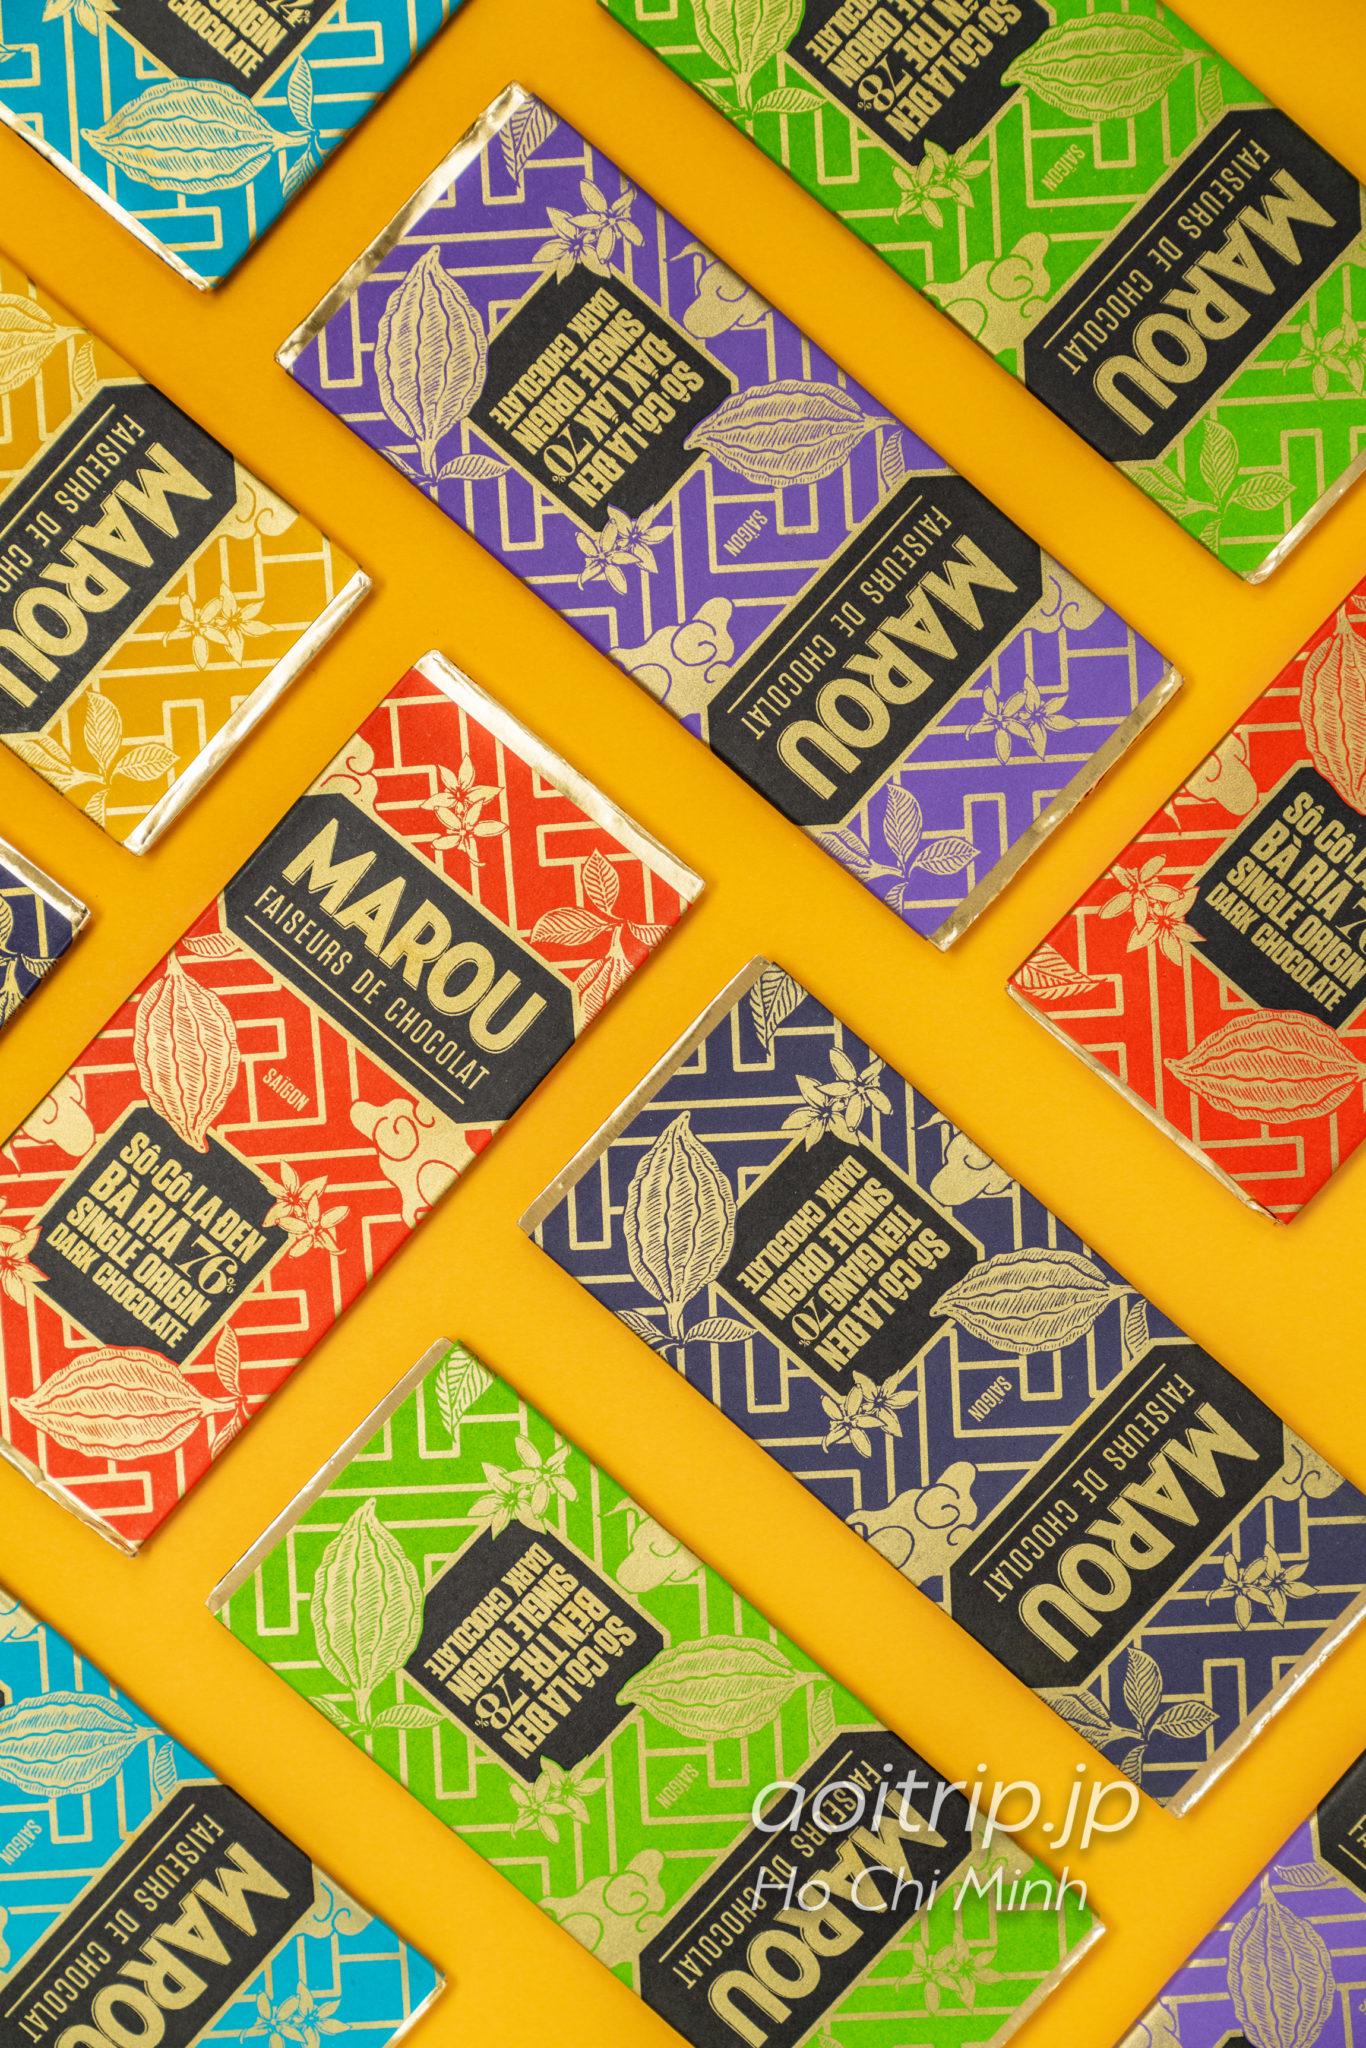 ベトナムのスーパーフード ローカカオ Marou(マルゥ) Single Origin全6種類